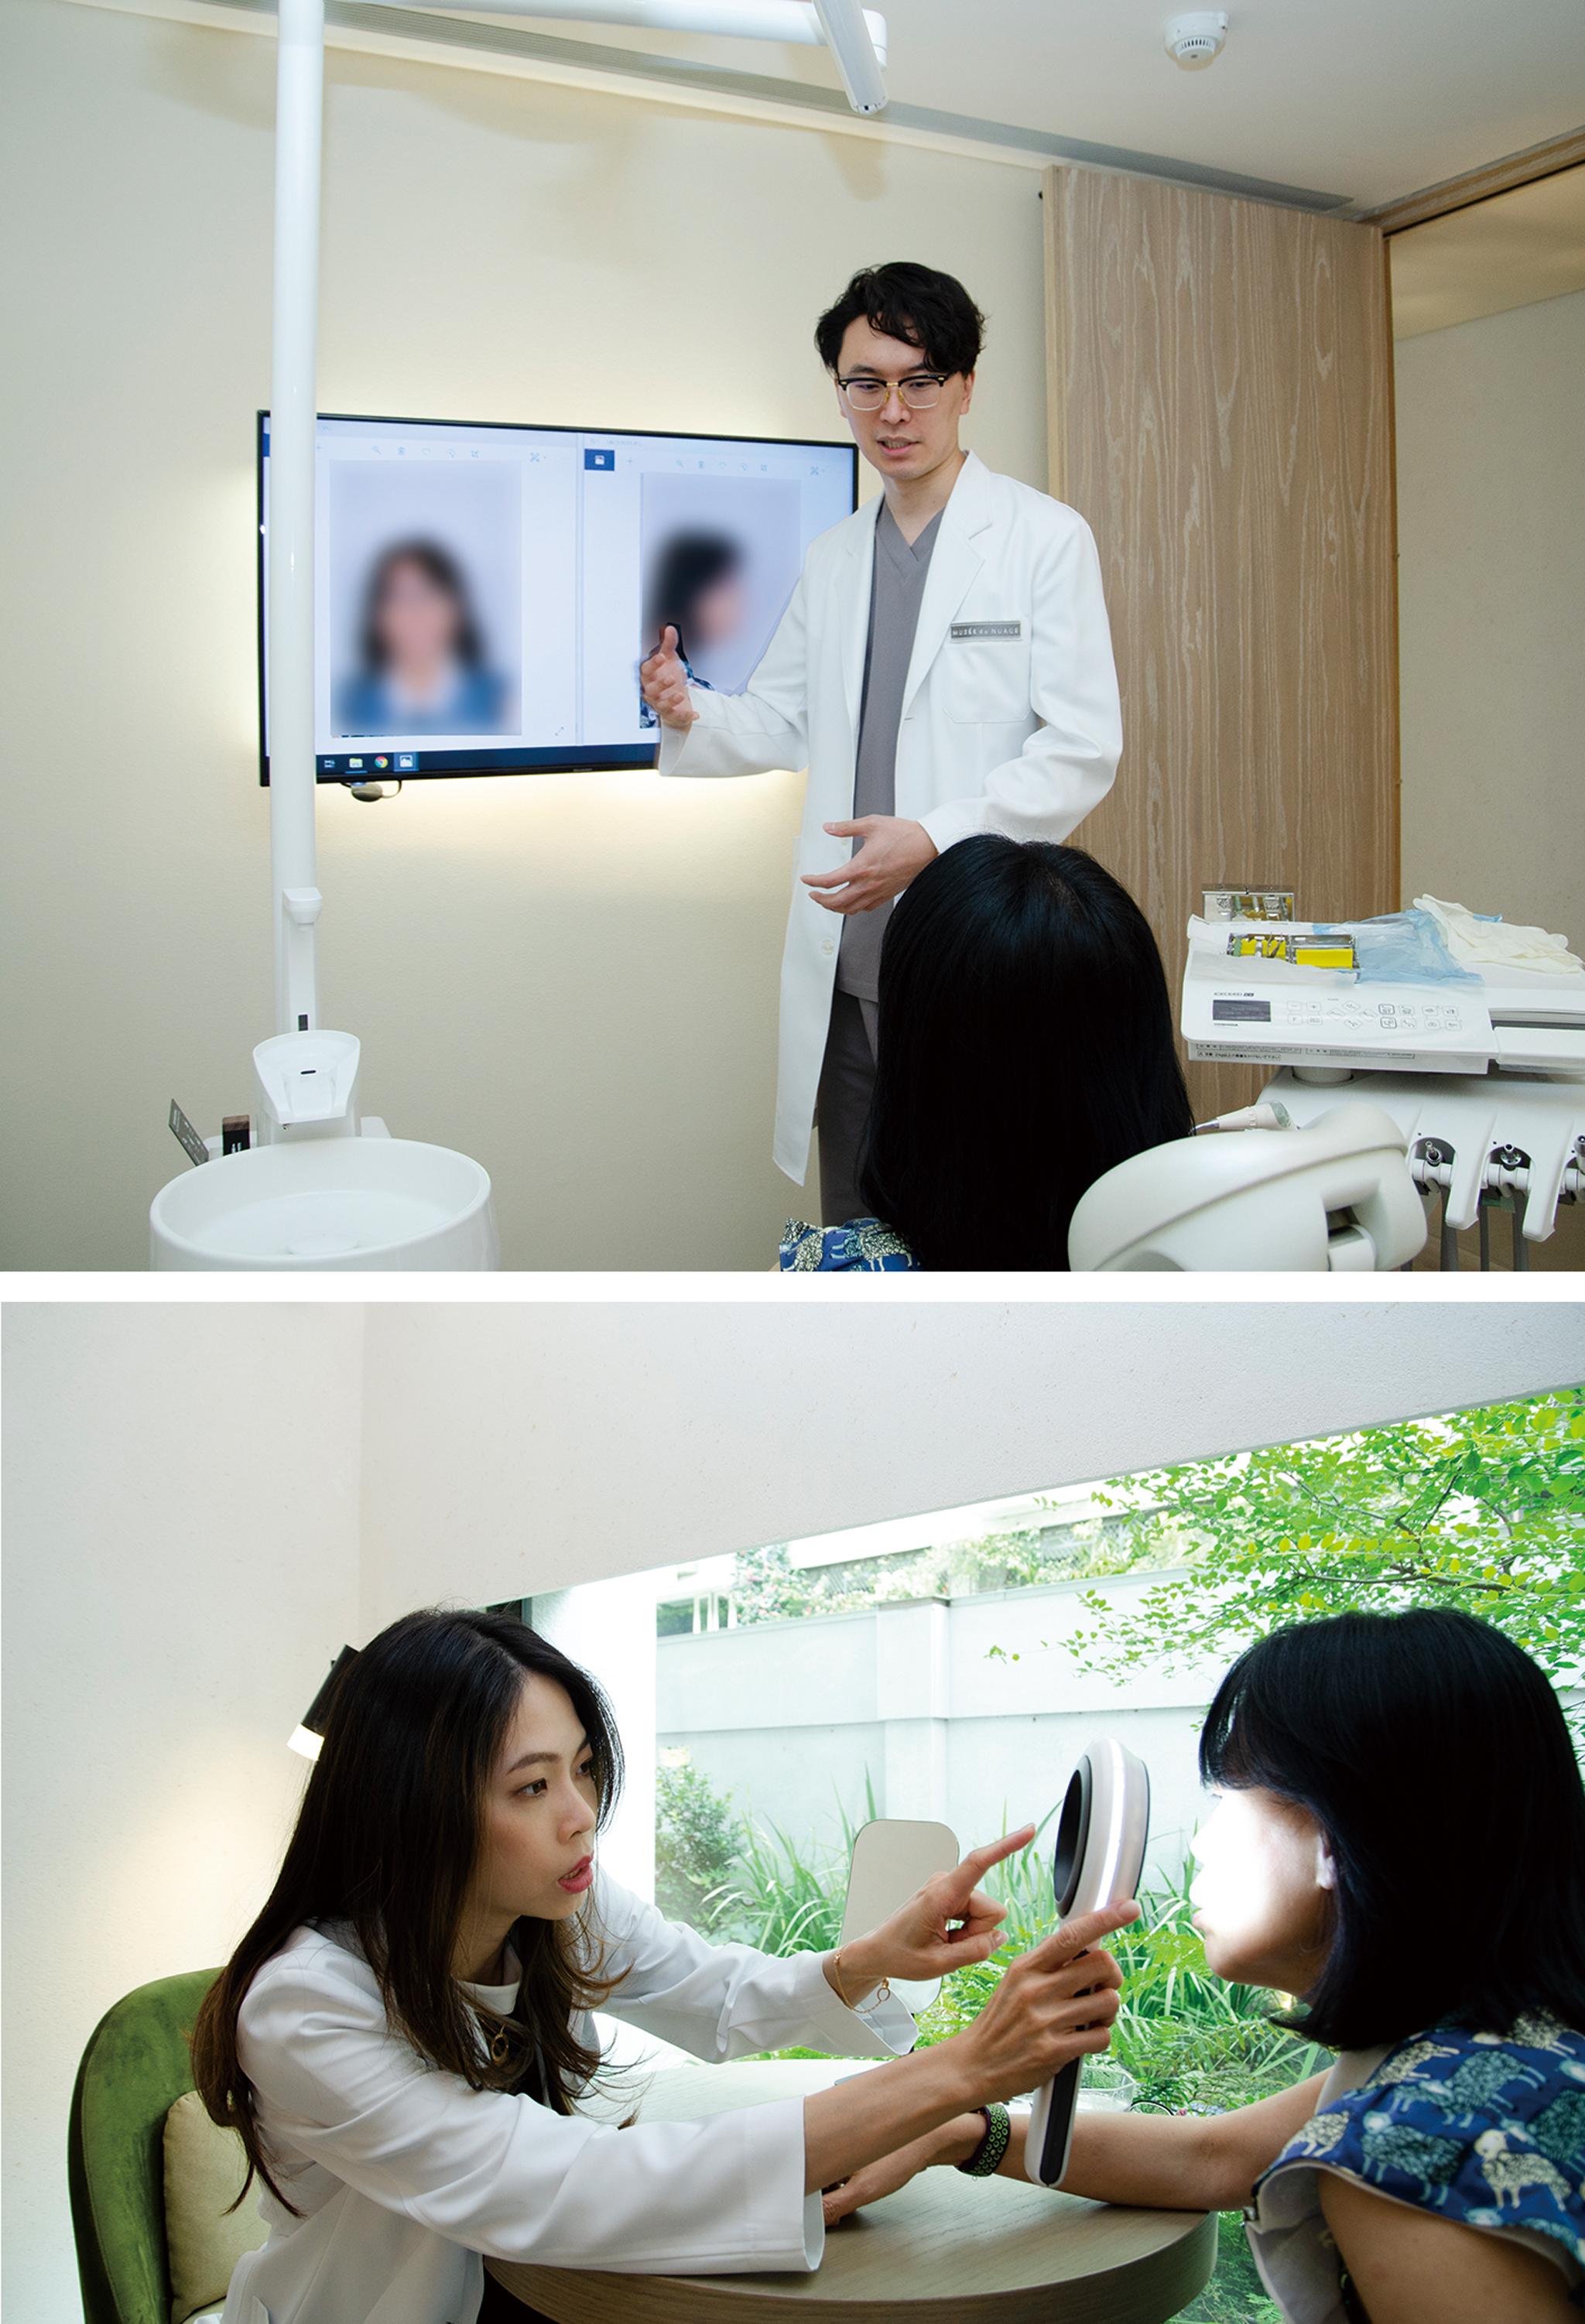 消費者治療前皆需經過醫師與精密儀器進行肌膚、口腔的仔細檢查,再著手規劃療程。